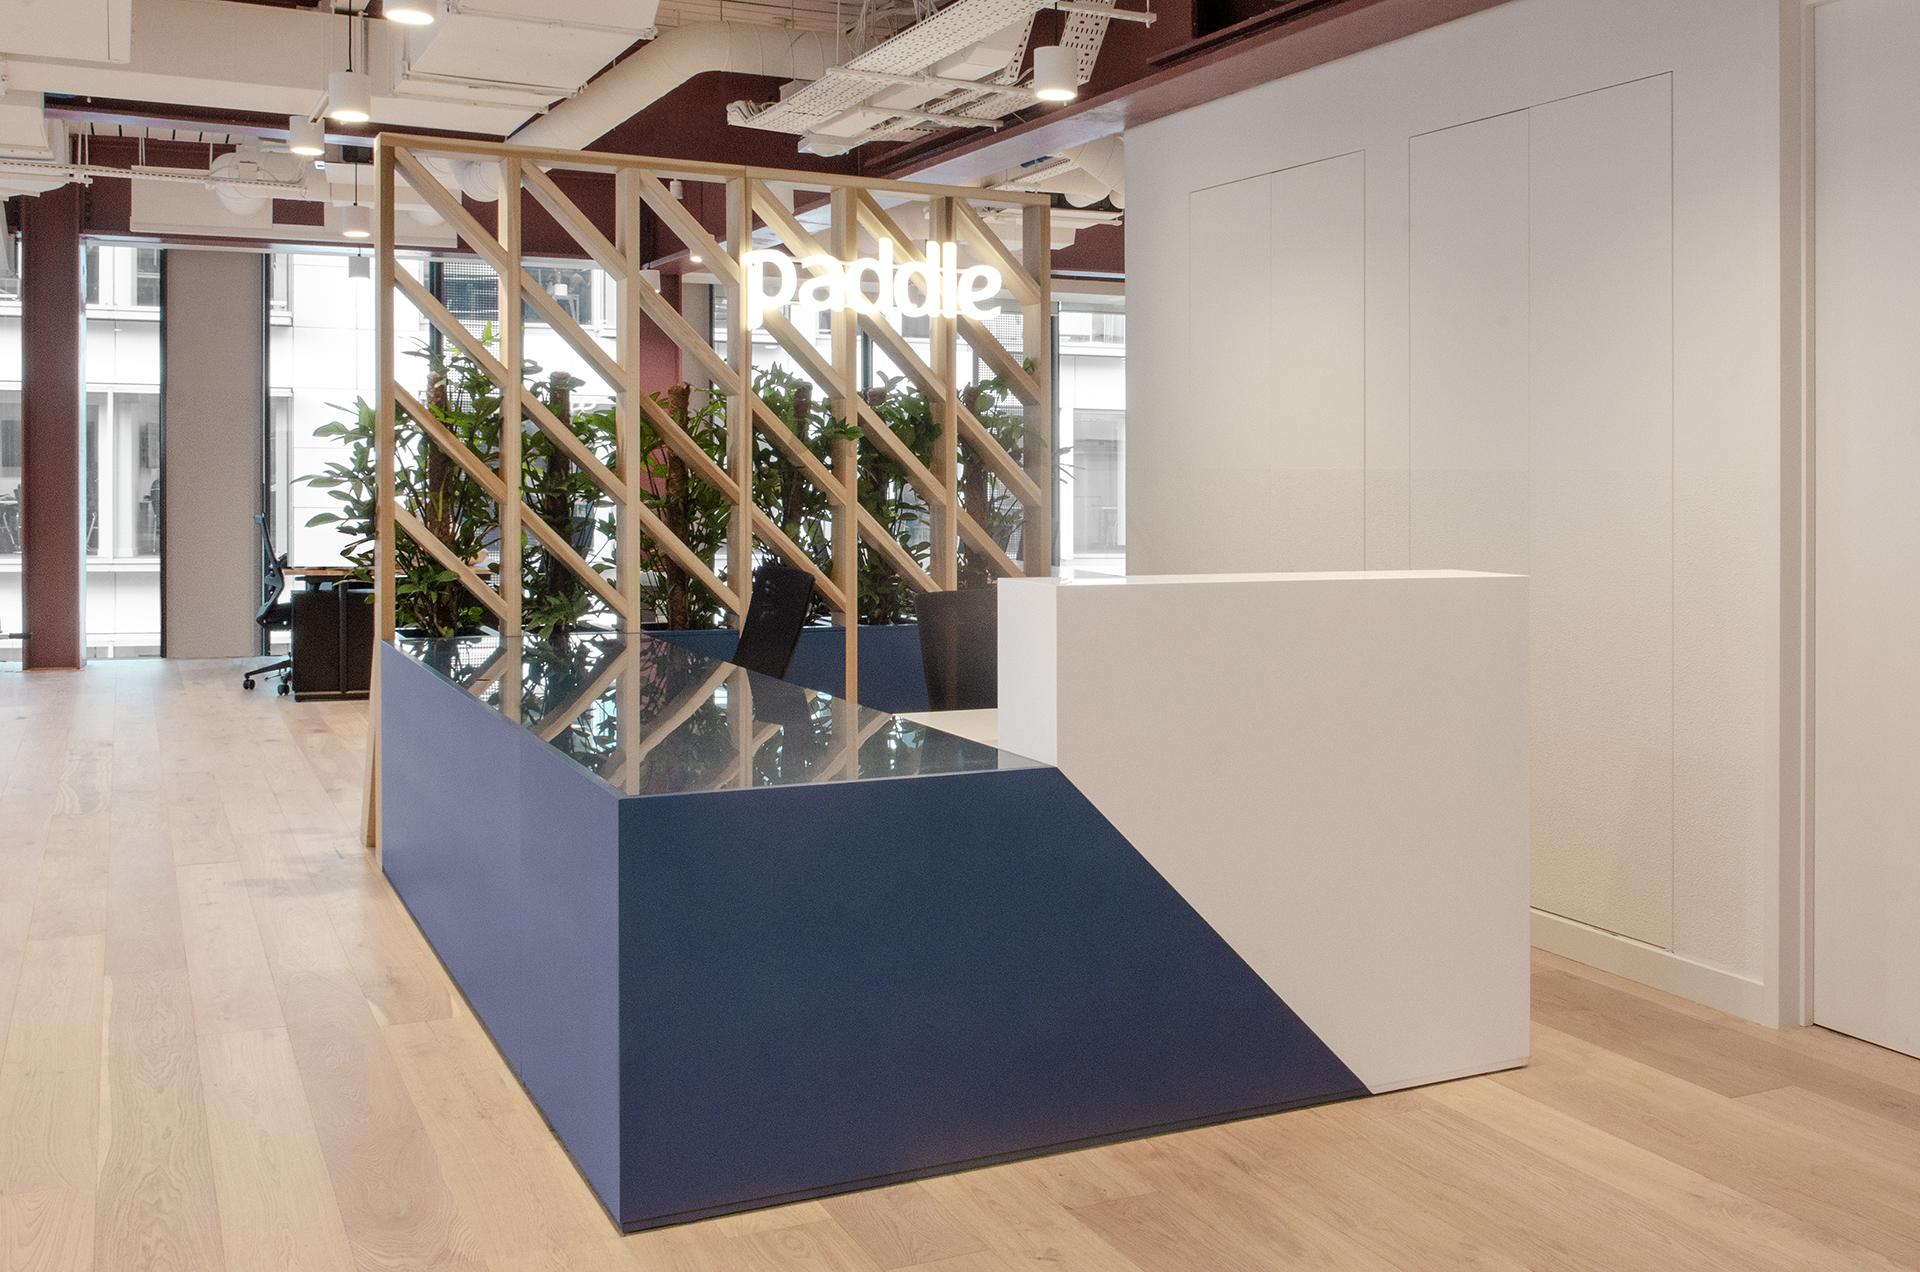 The bespoke Corian desk incorporates illuminated signage and planting